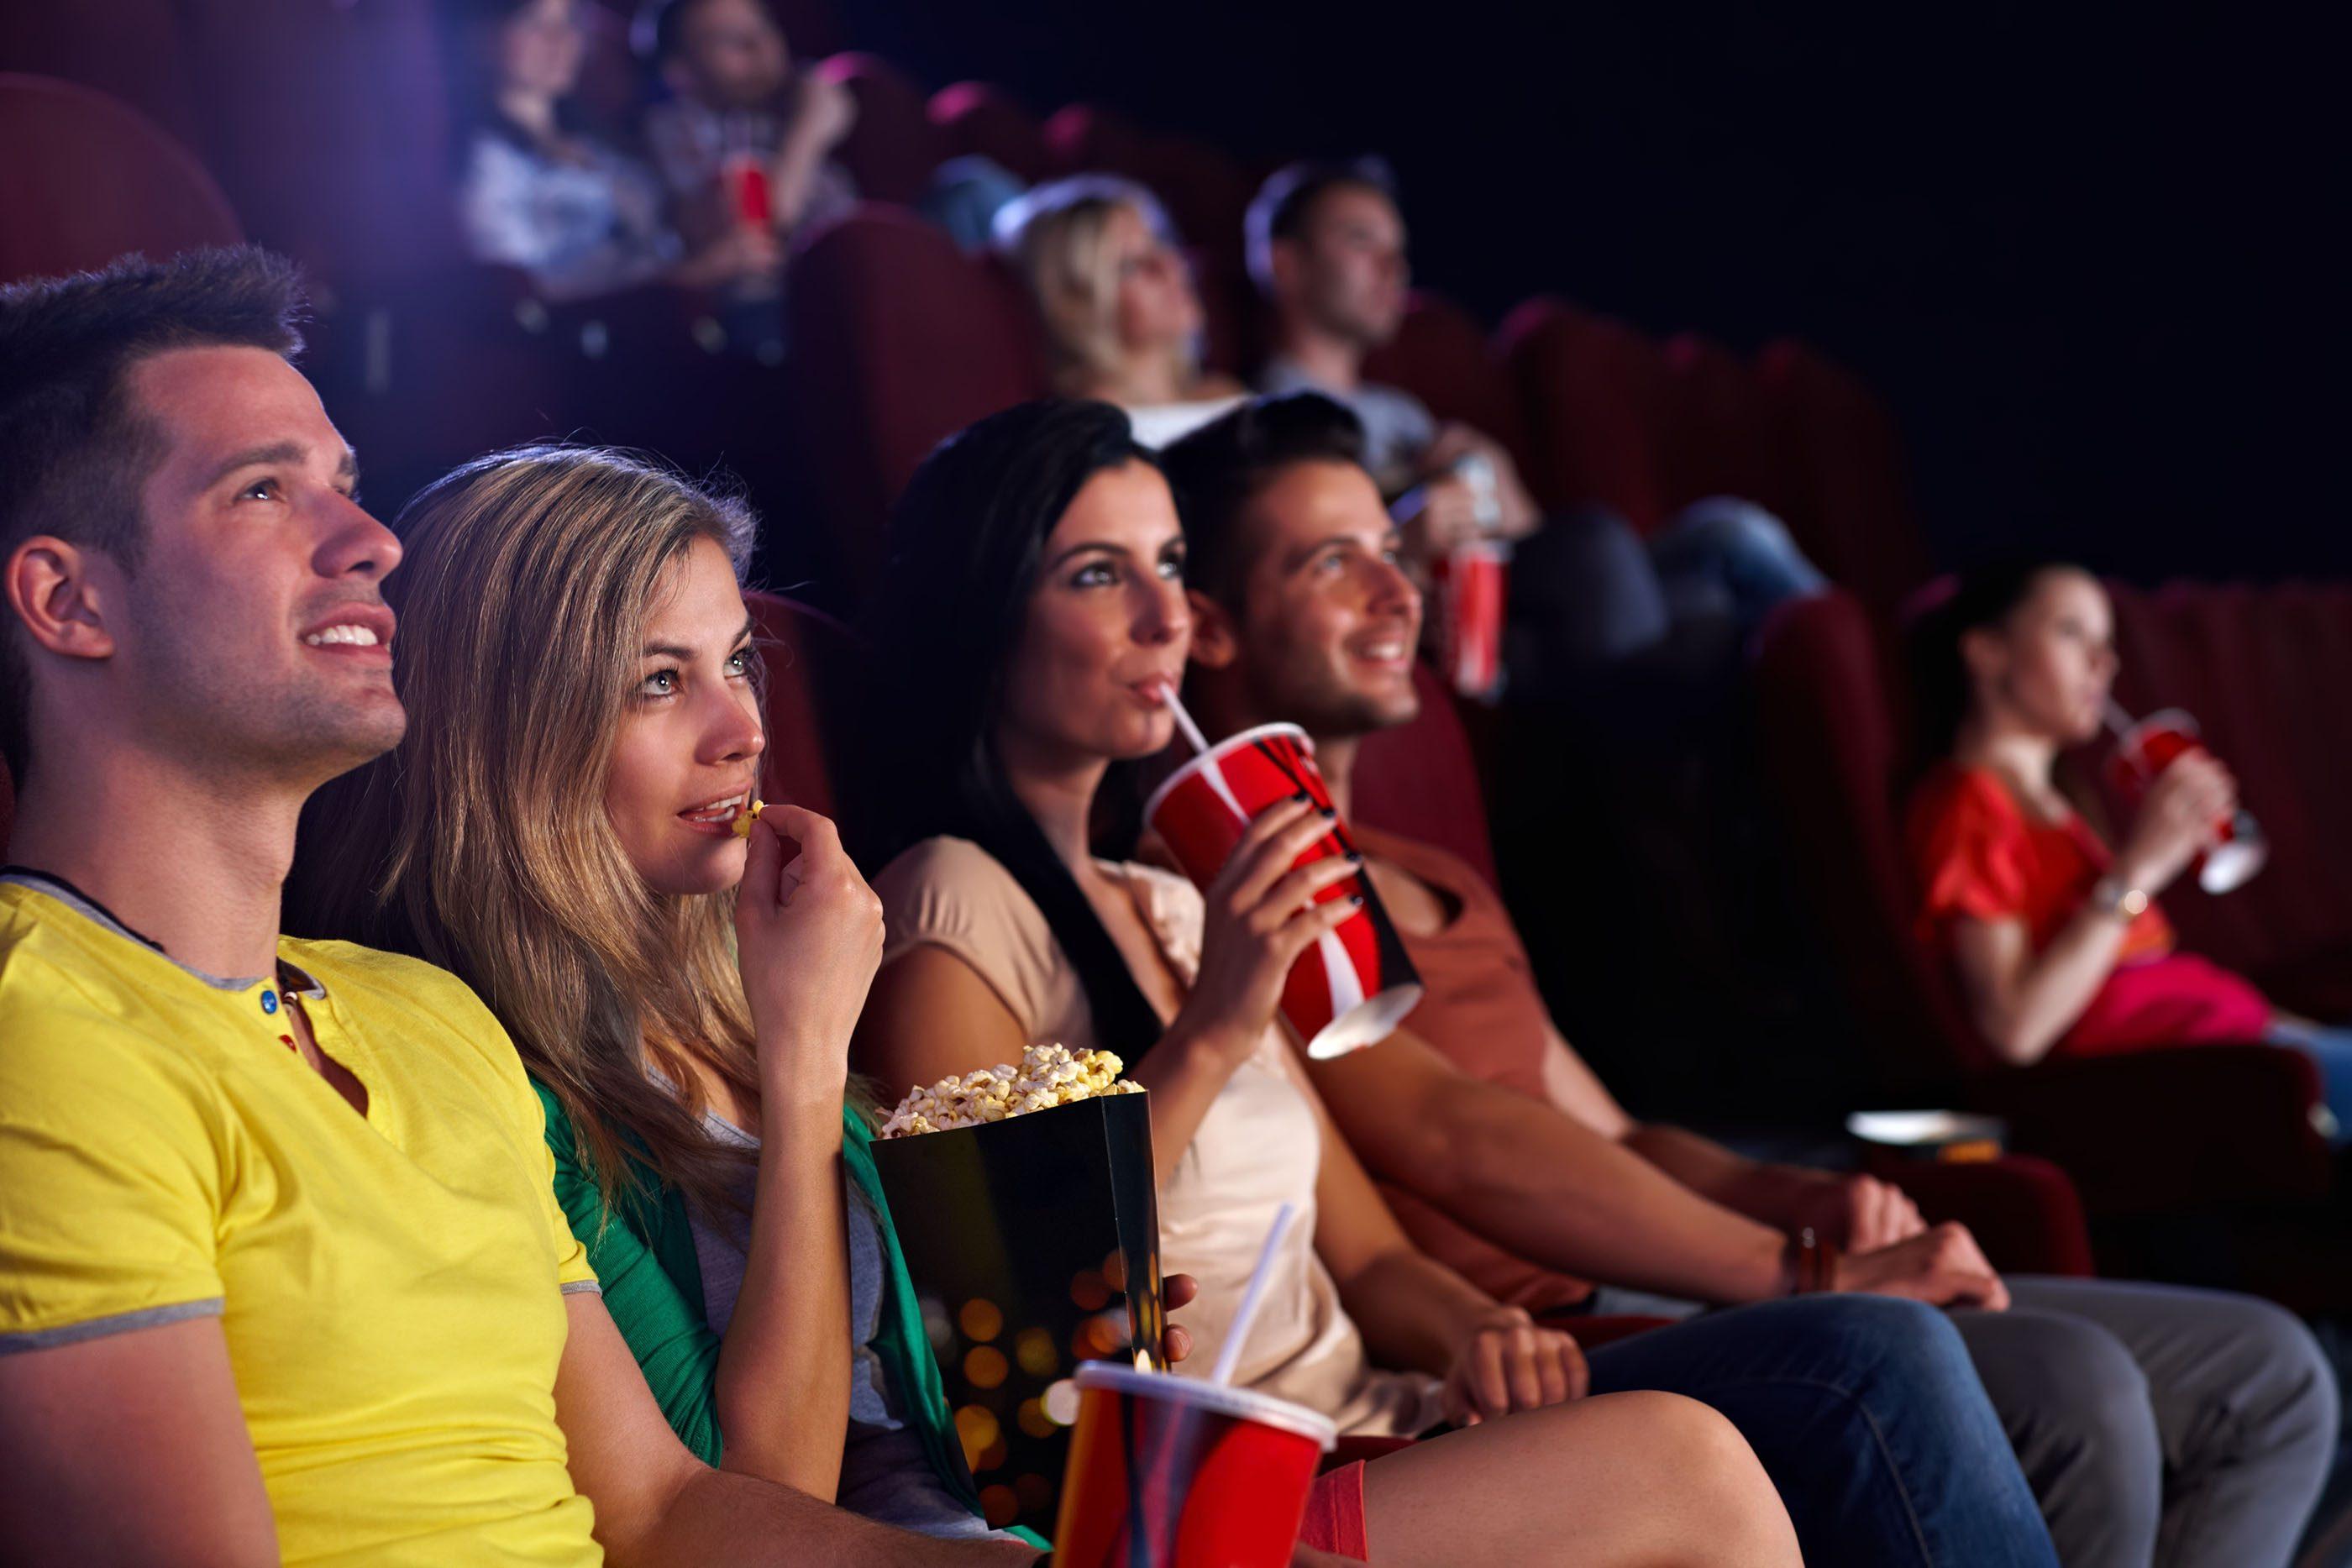 سینمای تابستانی، رویاهایی نوستالژیک